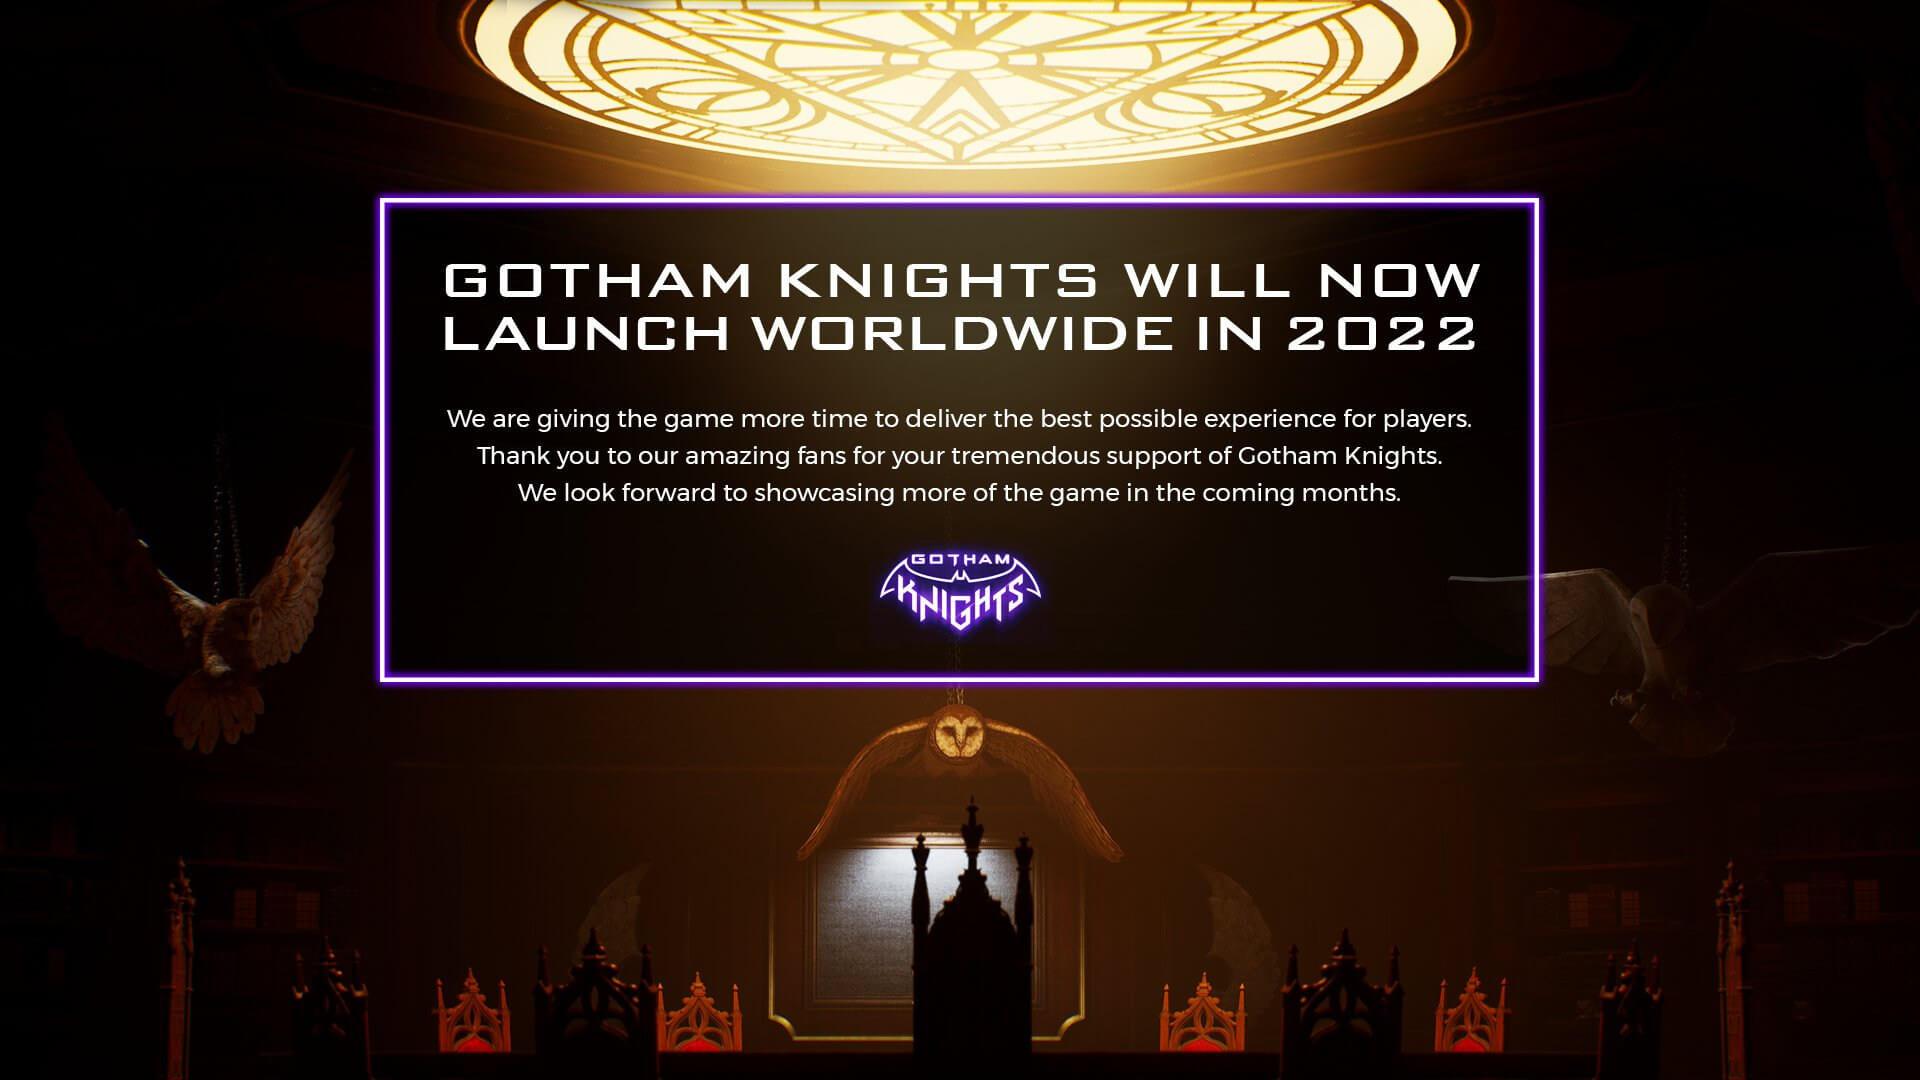 Gotham Knights delay 2022